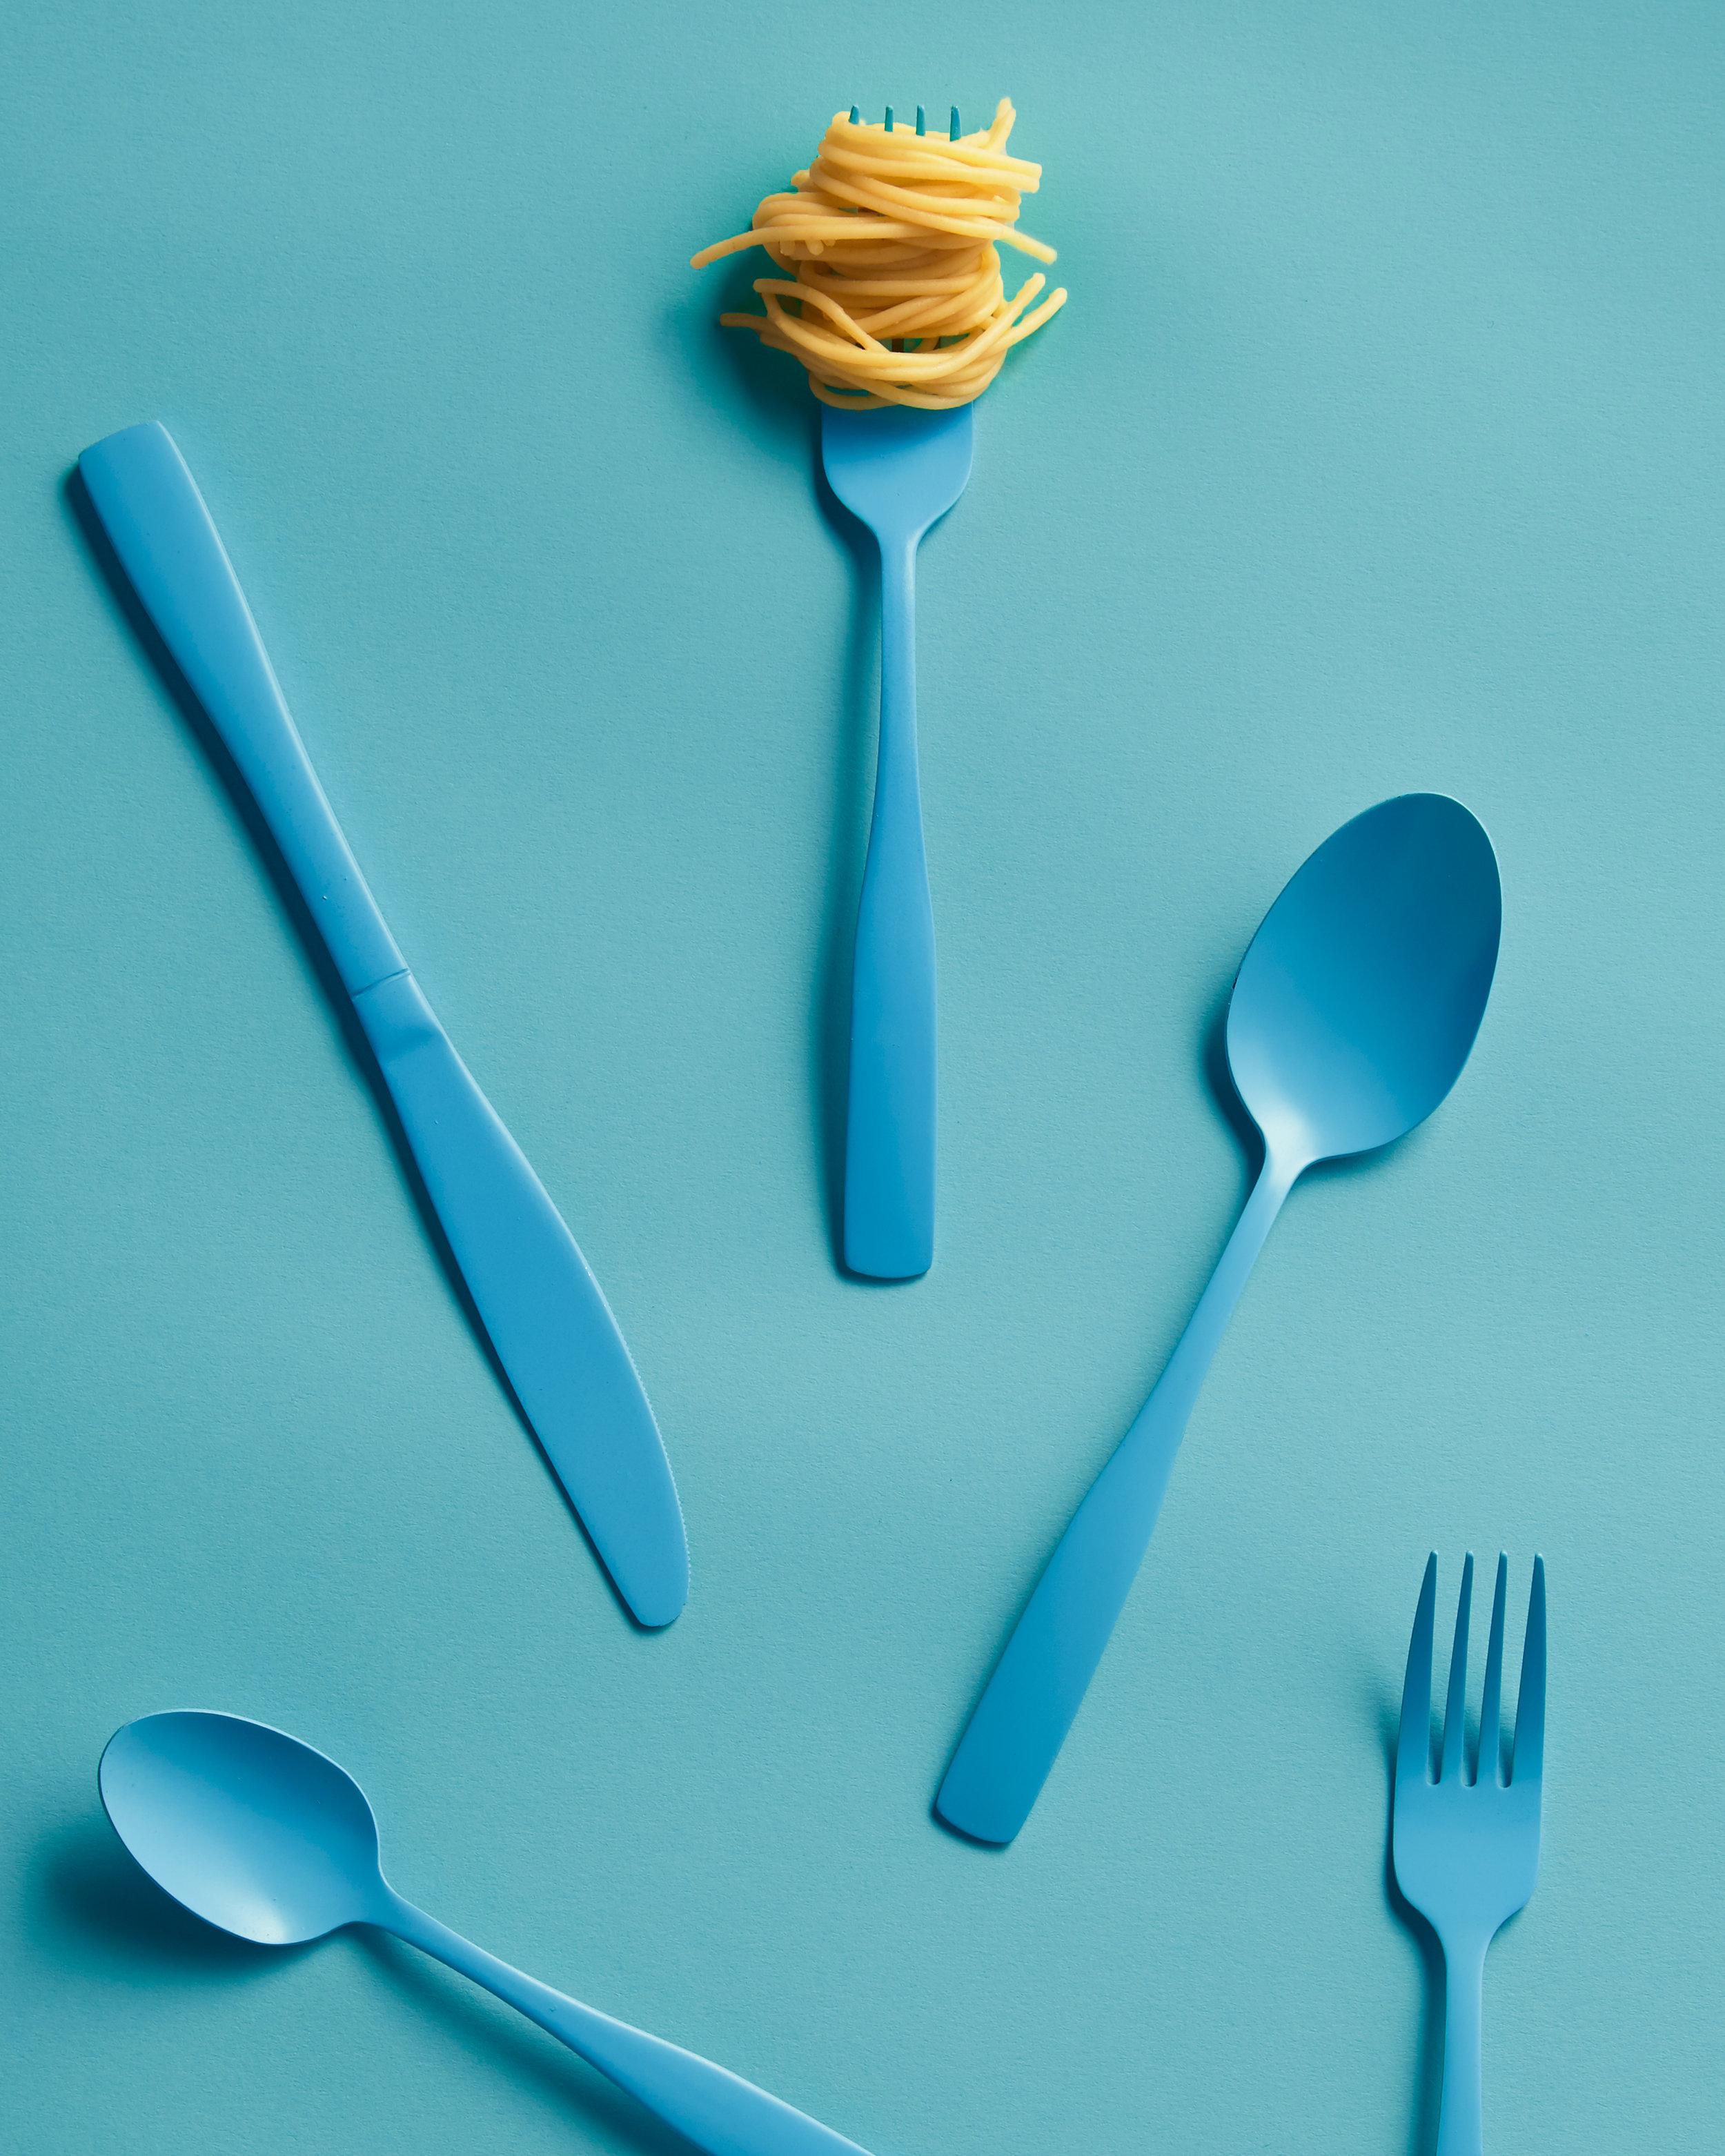 utensils_1500.jpg